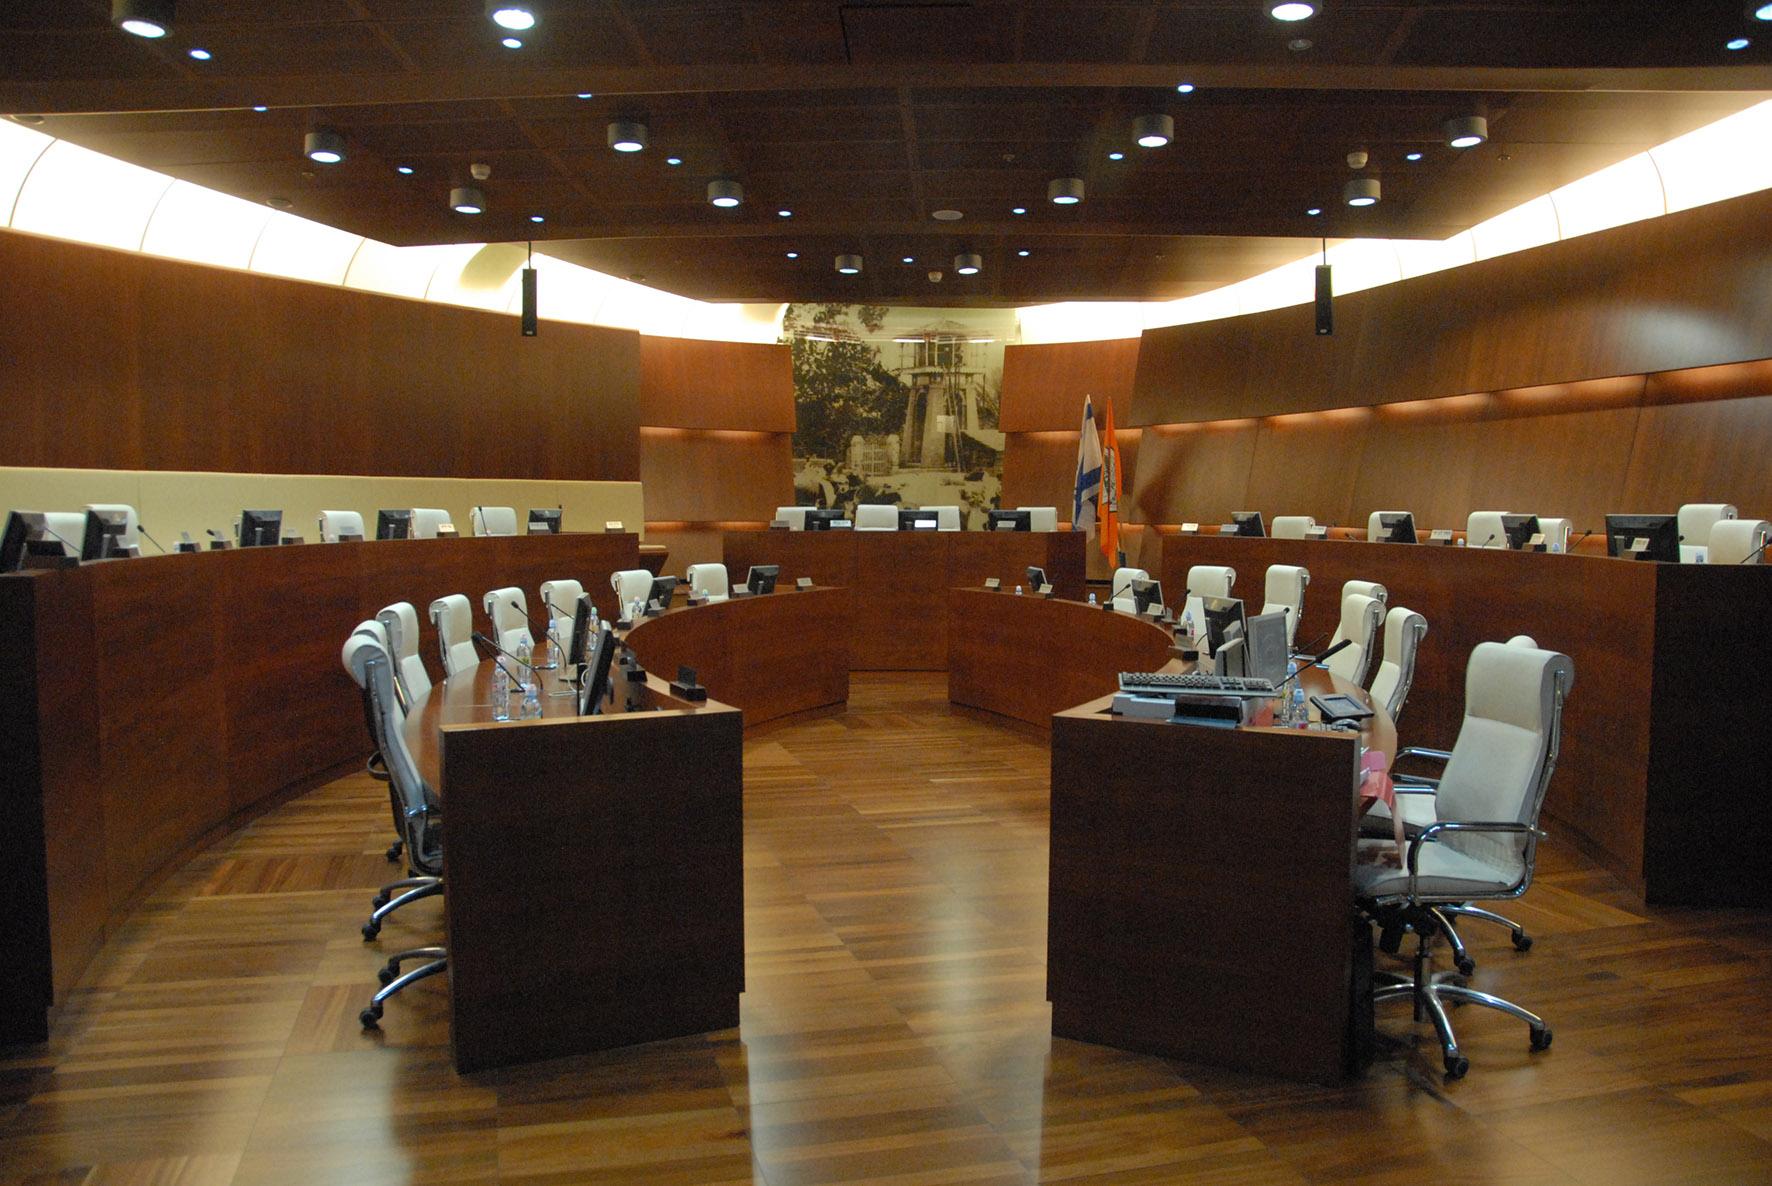 ישיבת מועצה - מועצת העיר ראשון לציון